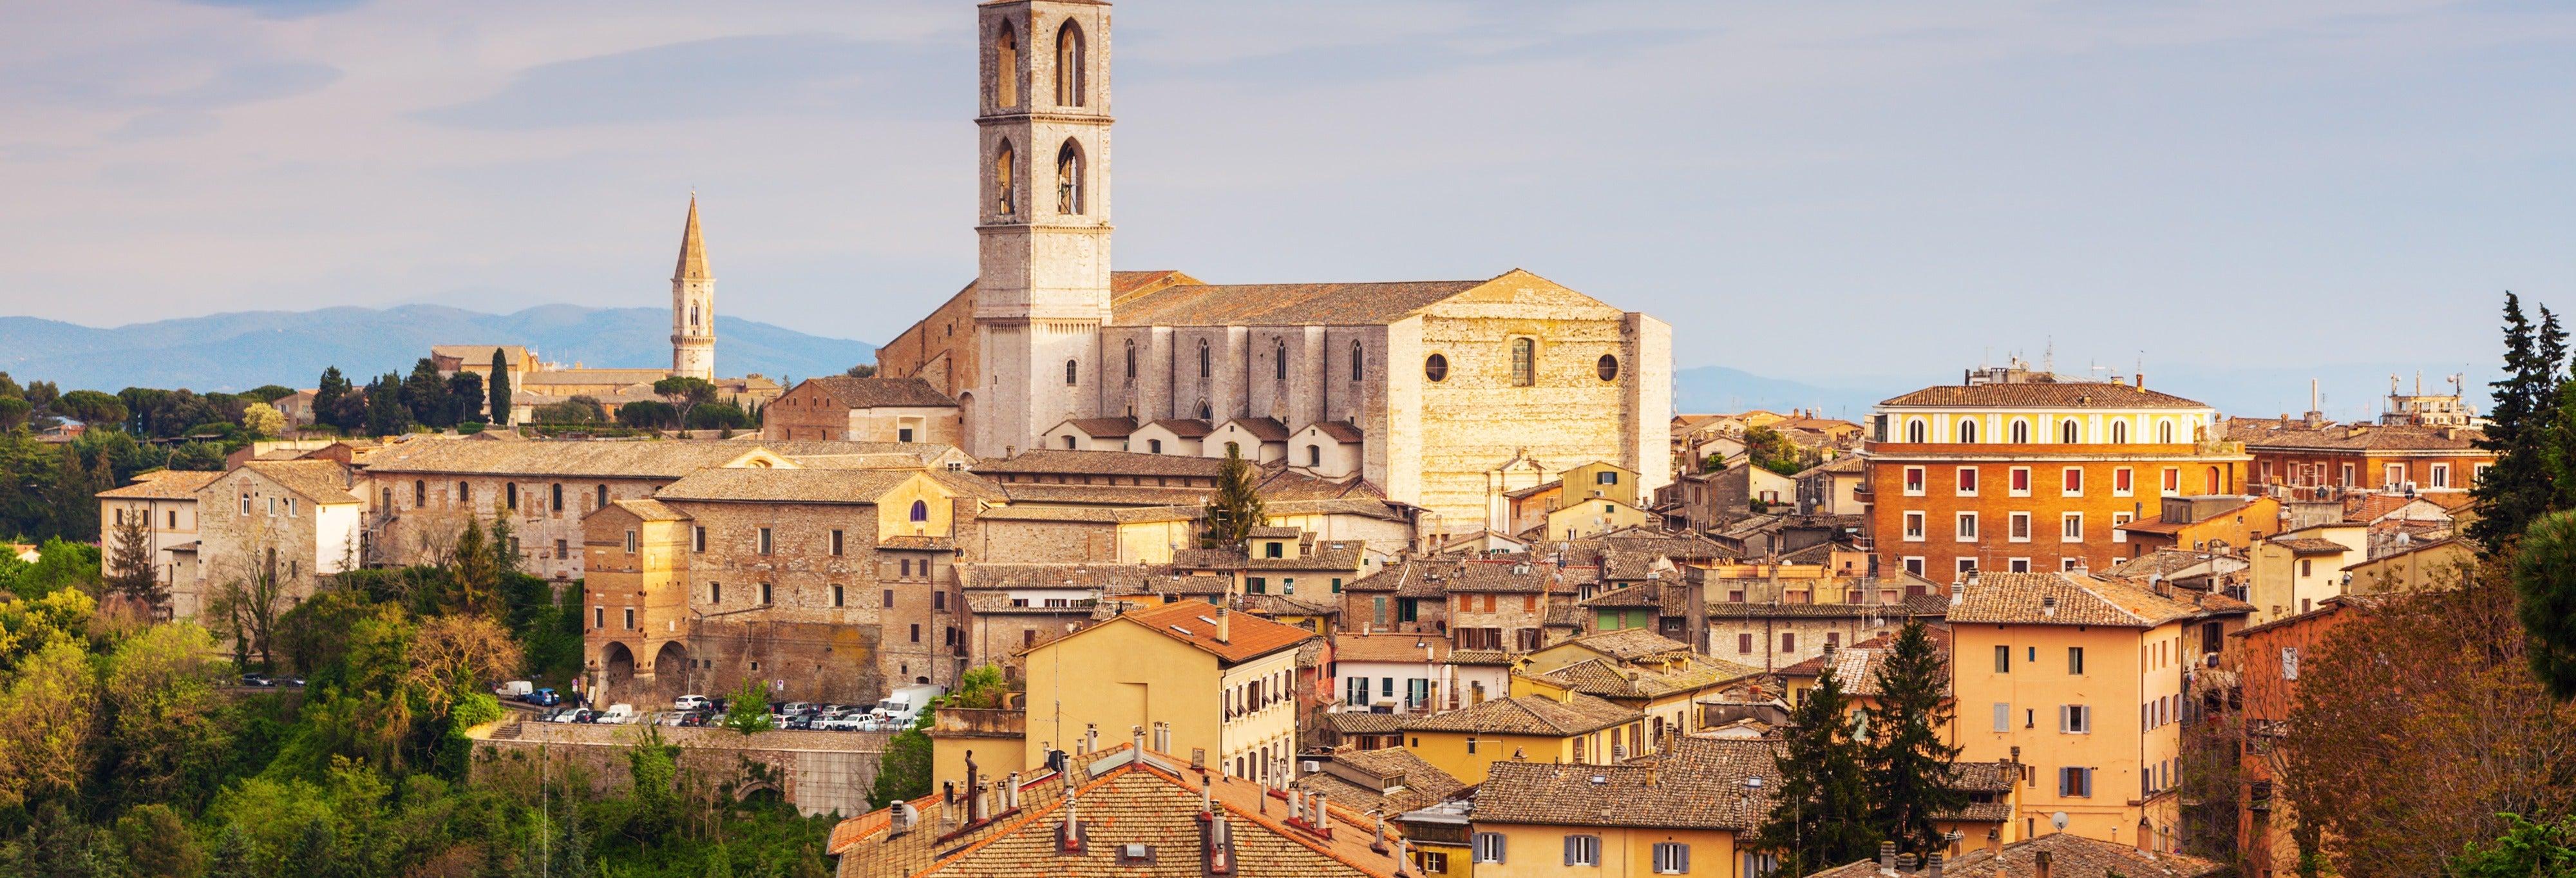 Tour privado por Perugia con guía en español